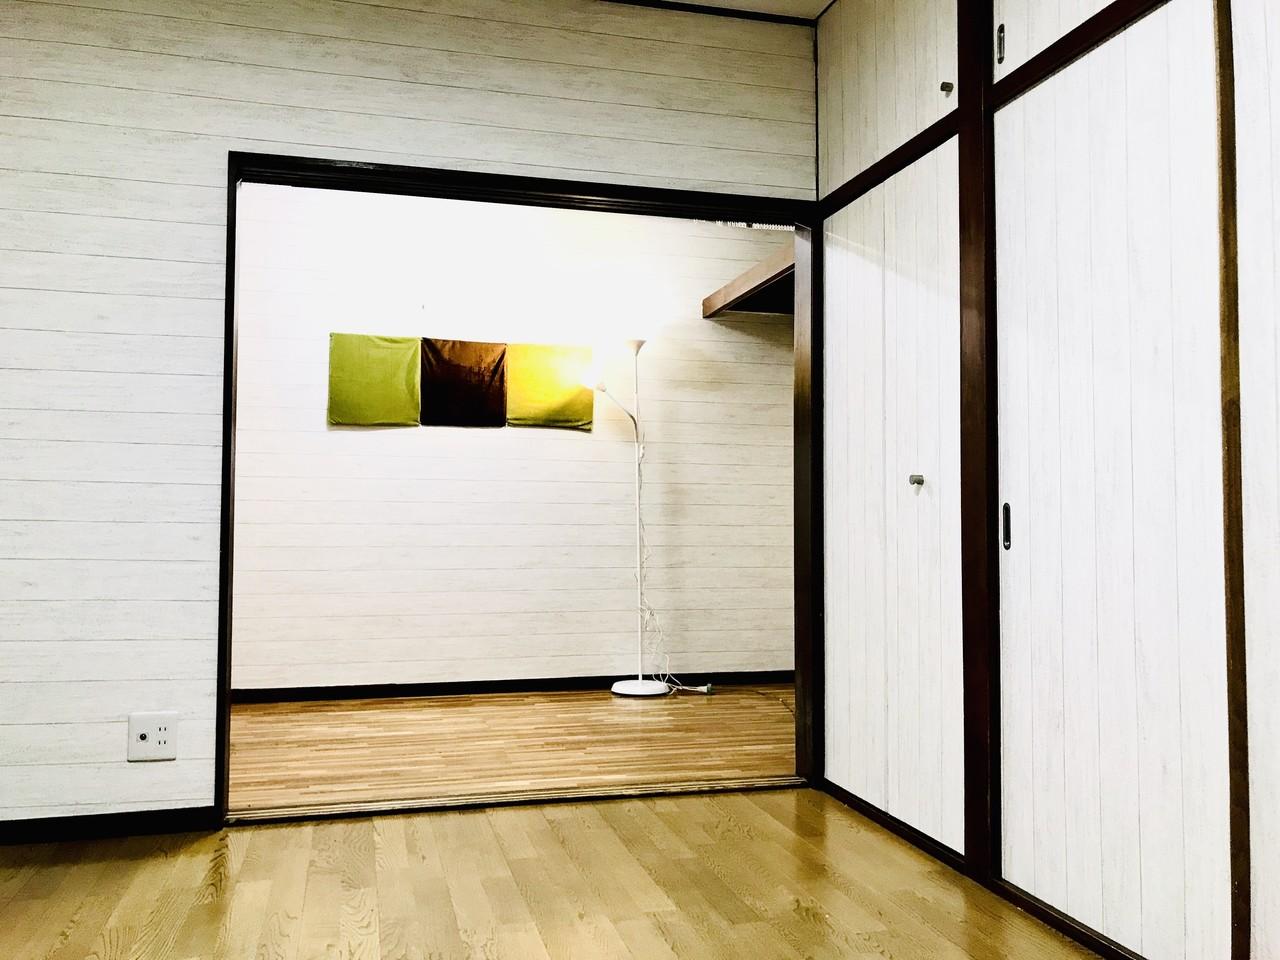 初めてのdiyリフォーム 22 3 6mの長い壁紙を横に貼りたい理由と挑戦の方法 素人ワーママdiy副業大家 ワーママ修行中 にこにこママ Note